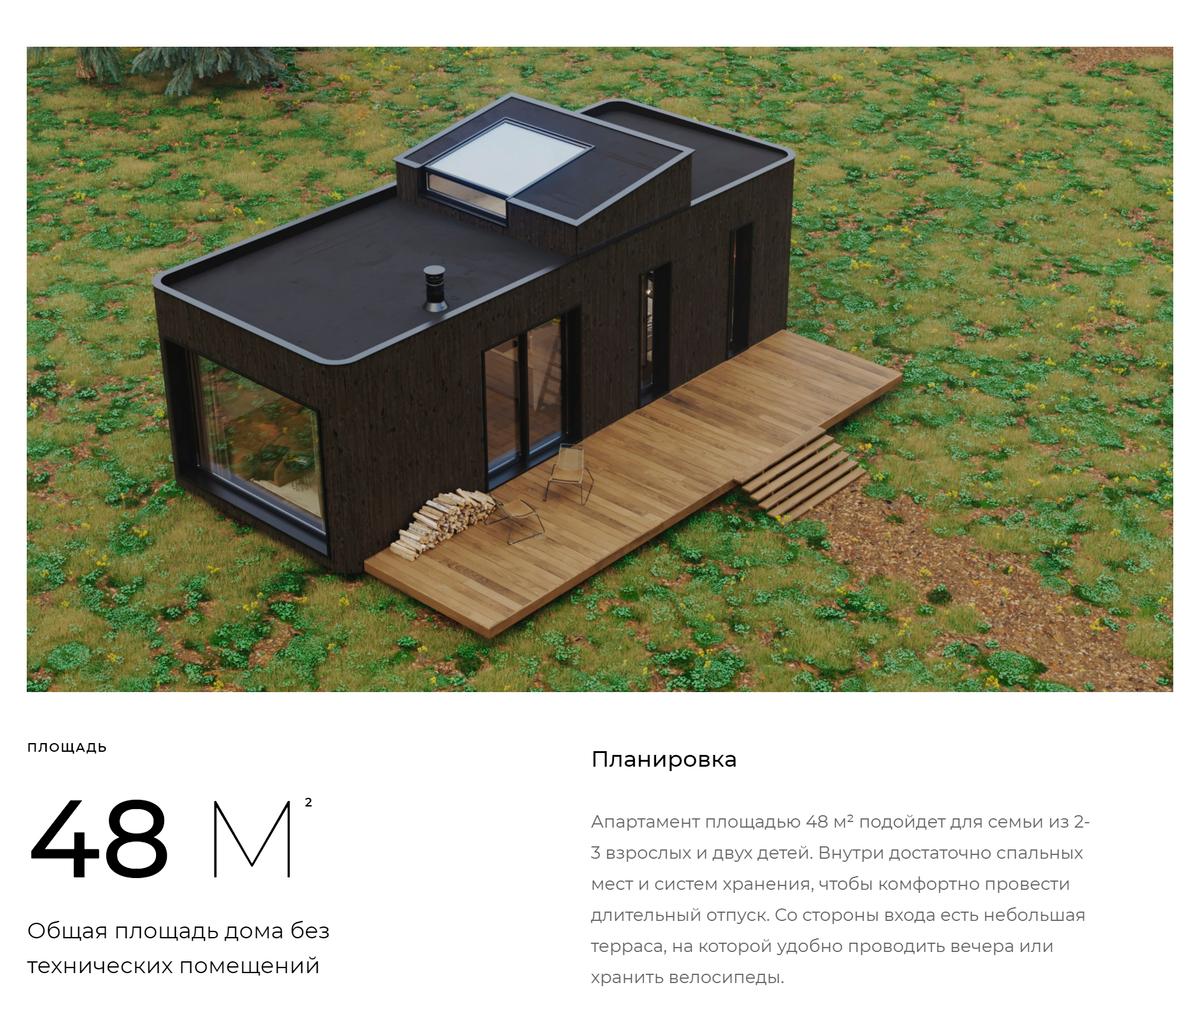 Модульный дом на сайте Escapenow выглядит достаточно оригинально и современно, хотя заявленная вместимость вызывает сомнения: 48 м² может не хватить семье из пяти человек, чтобы «комфортно провести длительный отпуск»